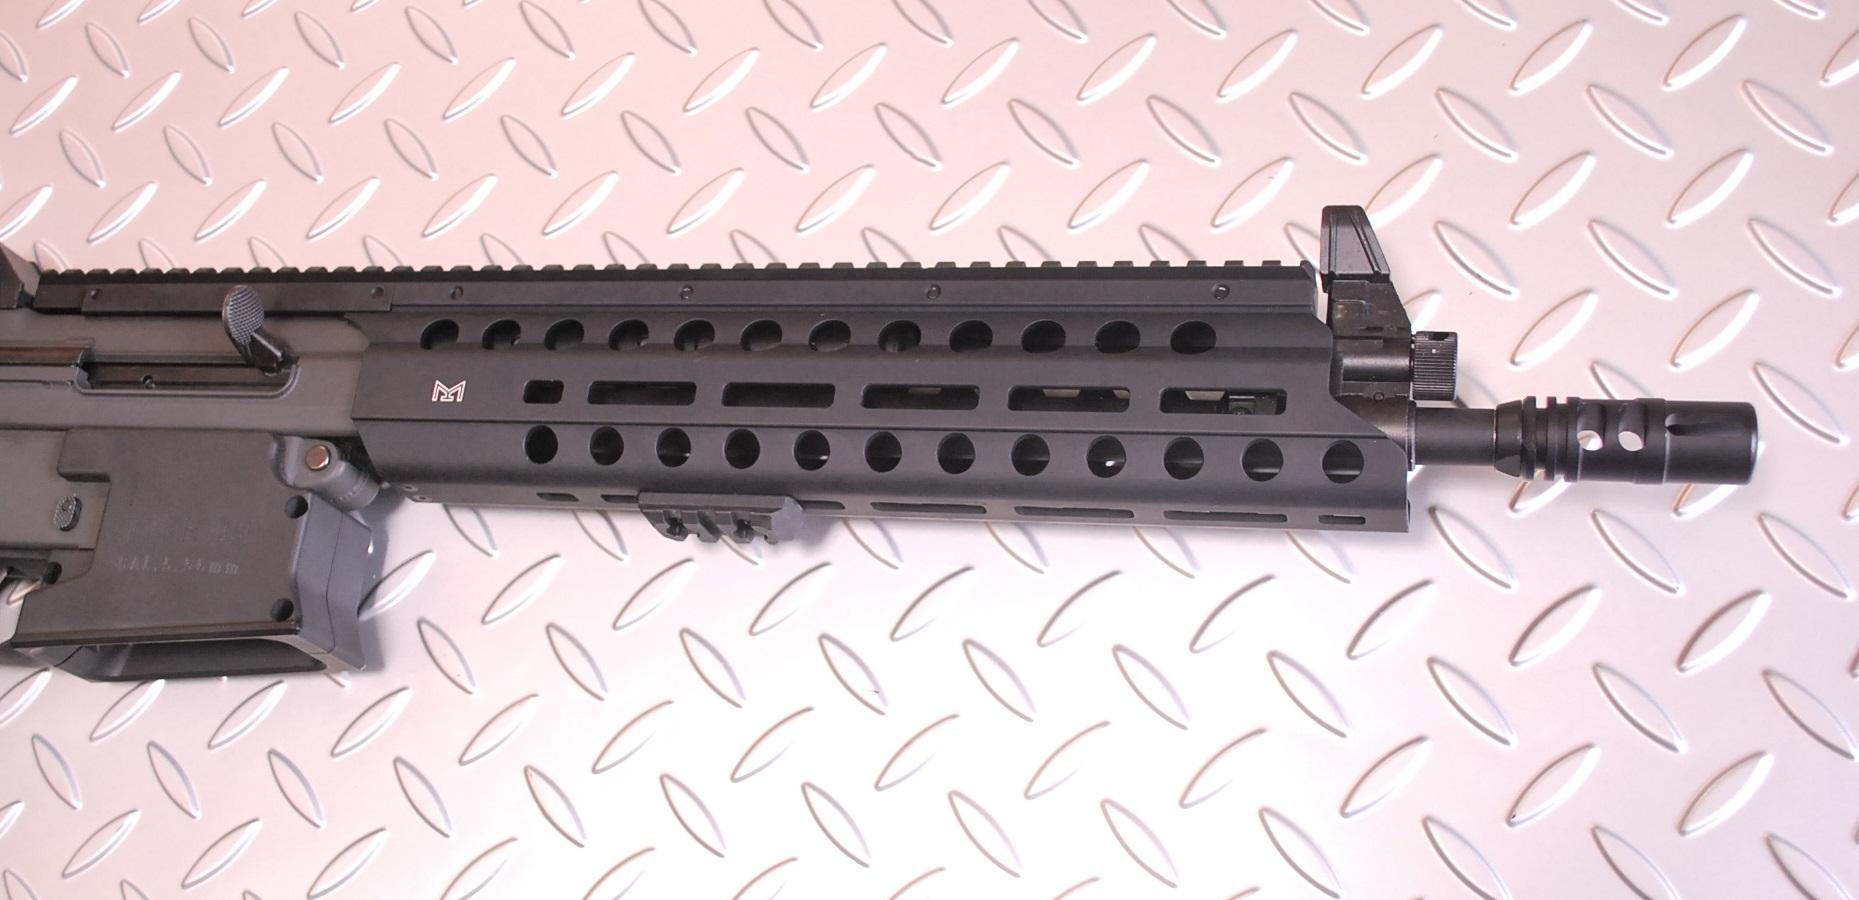 OTS 89式小銃用Mlok(エムロック)レールシステム